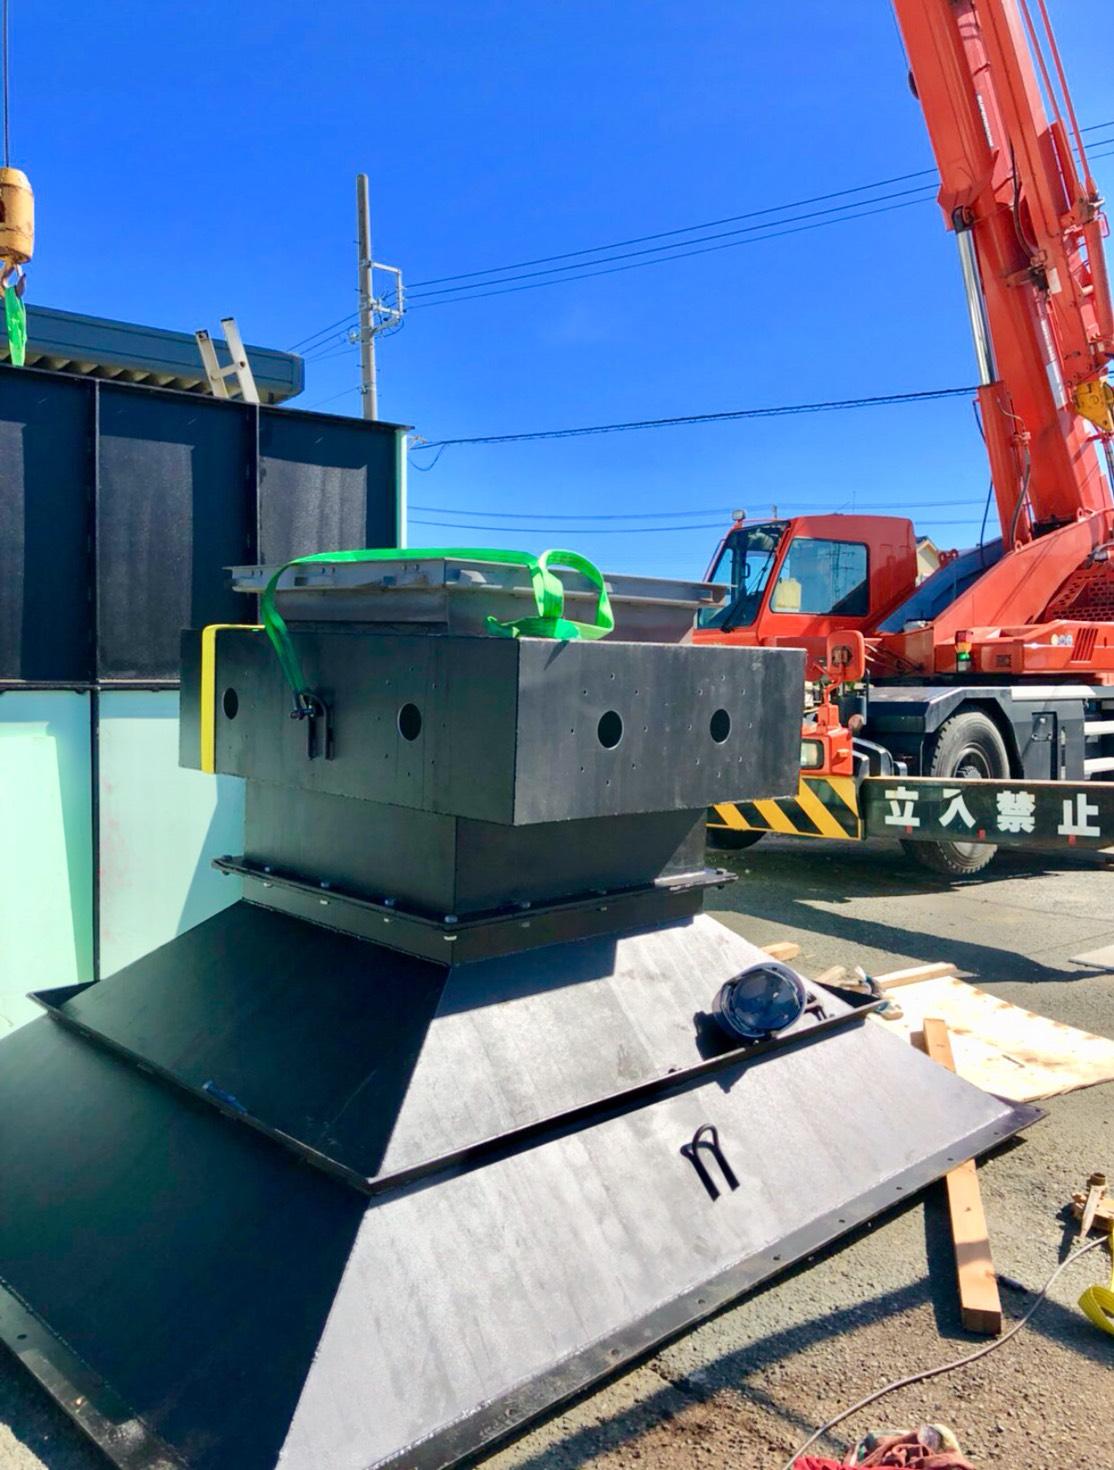 8月22日愛知県豊橋市の芳賀土建の事務所に防災シェルターの地下設置工事が完了しました。